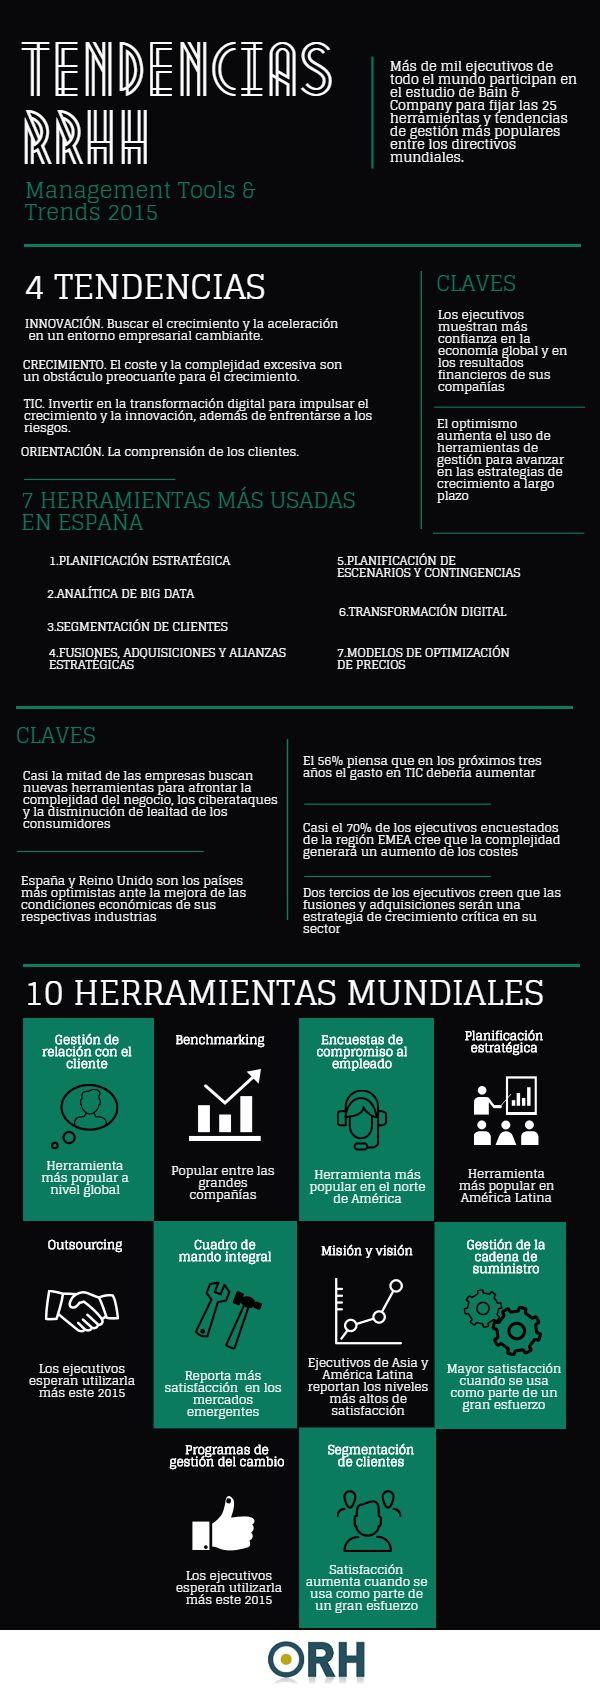 Tendencias y herramientas de gestión de Recursos Humanos #infografia #infographic #rrhh